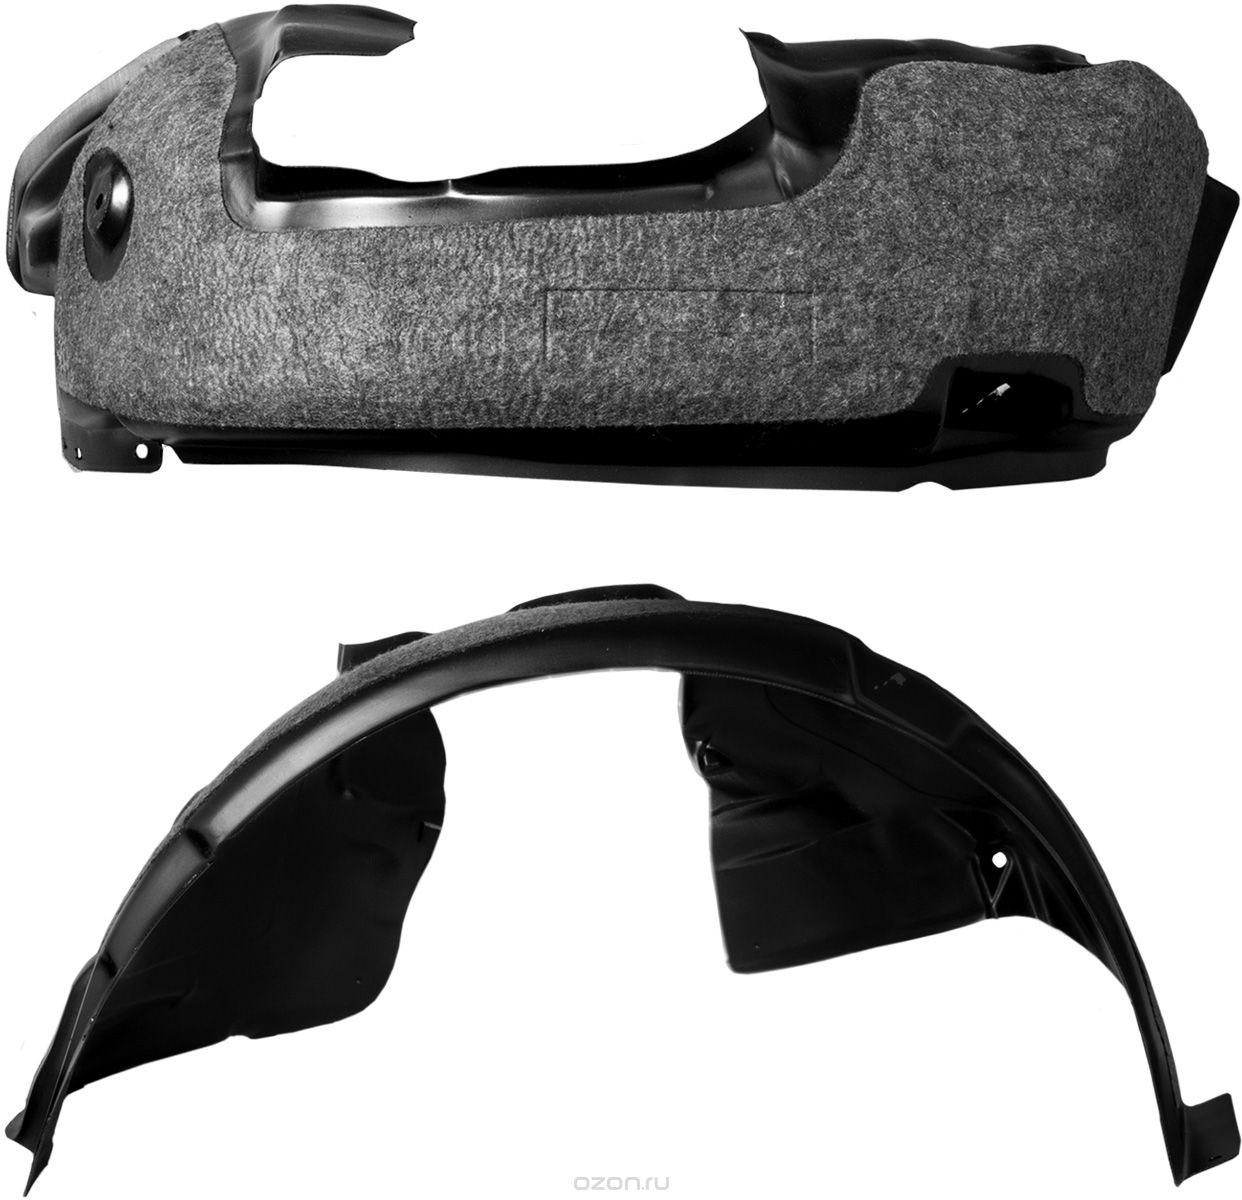 Подкрылок Novline-Autofamily с шумоизоляцией, для Hyundai Solaris, 2014->, седан, задний левыйNLS.20.43.003.01Идеальная защита колесной ниши. Локеры разработаны с применением цифровых технологий, гарантируют максимальную повторяемость поверхности арки. Изделия устанавливаются без нарушения лакокрасочного покрытия автомобиля, каждый подкрылок комплектуется крепежом. Уважаемые клиенты, обращаем ваше внимание, что фотографии на подкрылки универсальные и не отражают реальную форму изделия. При этом само изделие идет точно под размер указанного автомобиля.